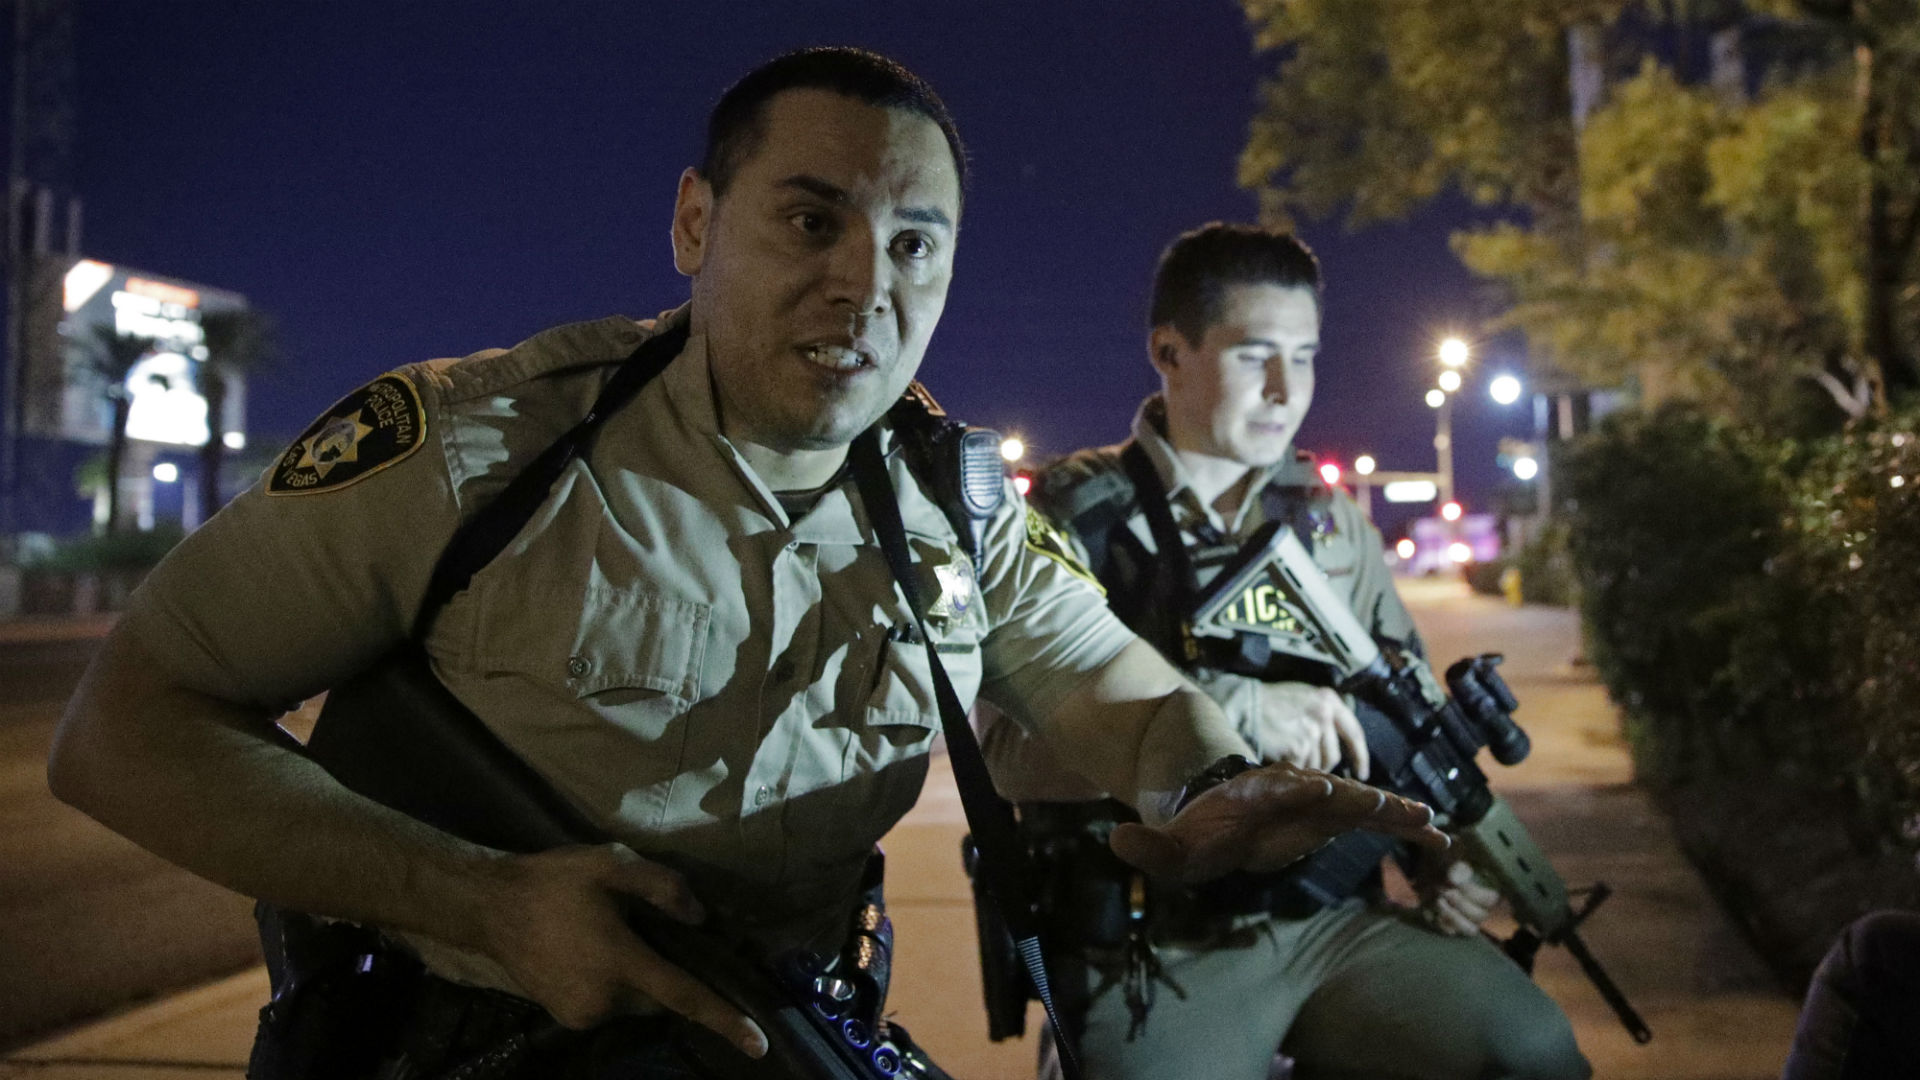 Agentes de la policía piden a las personas de buscar refugio durante el tiroteo ocurrido cerca del hotel Mandalay Bay de Las Vegas